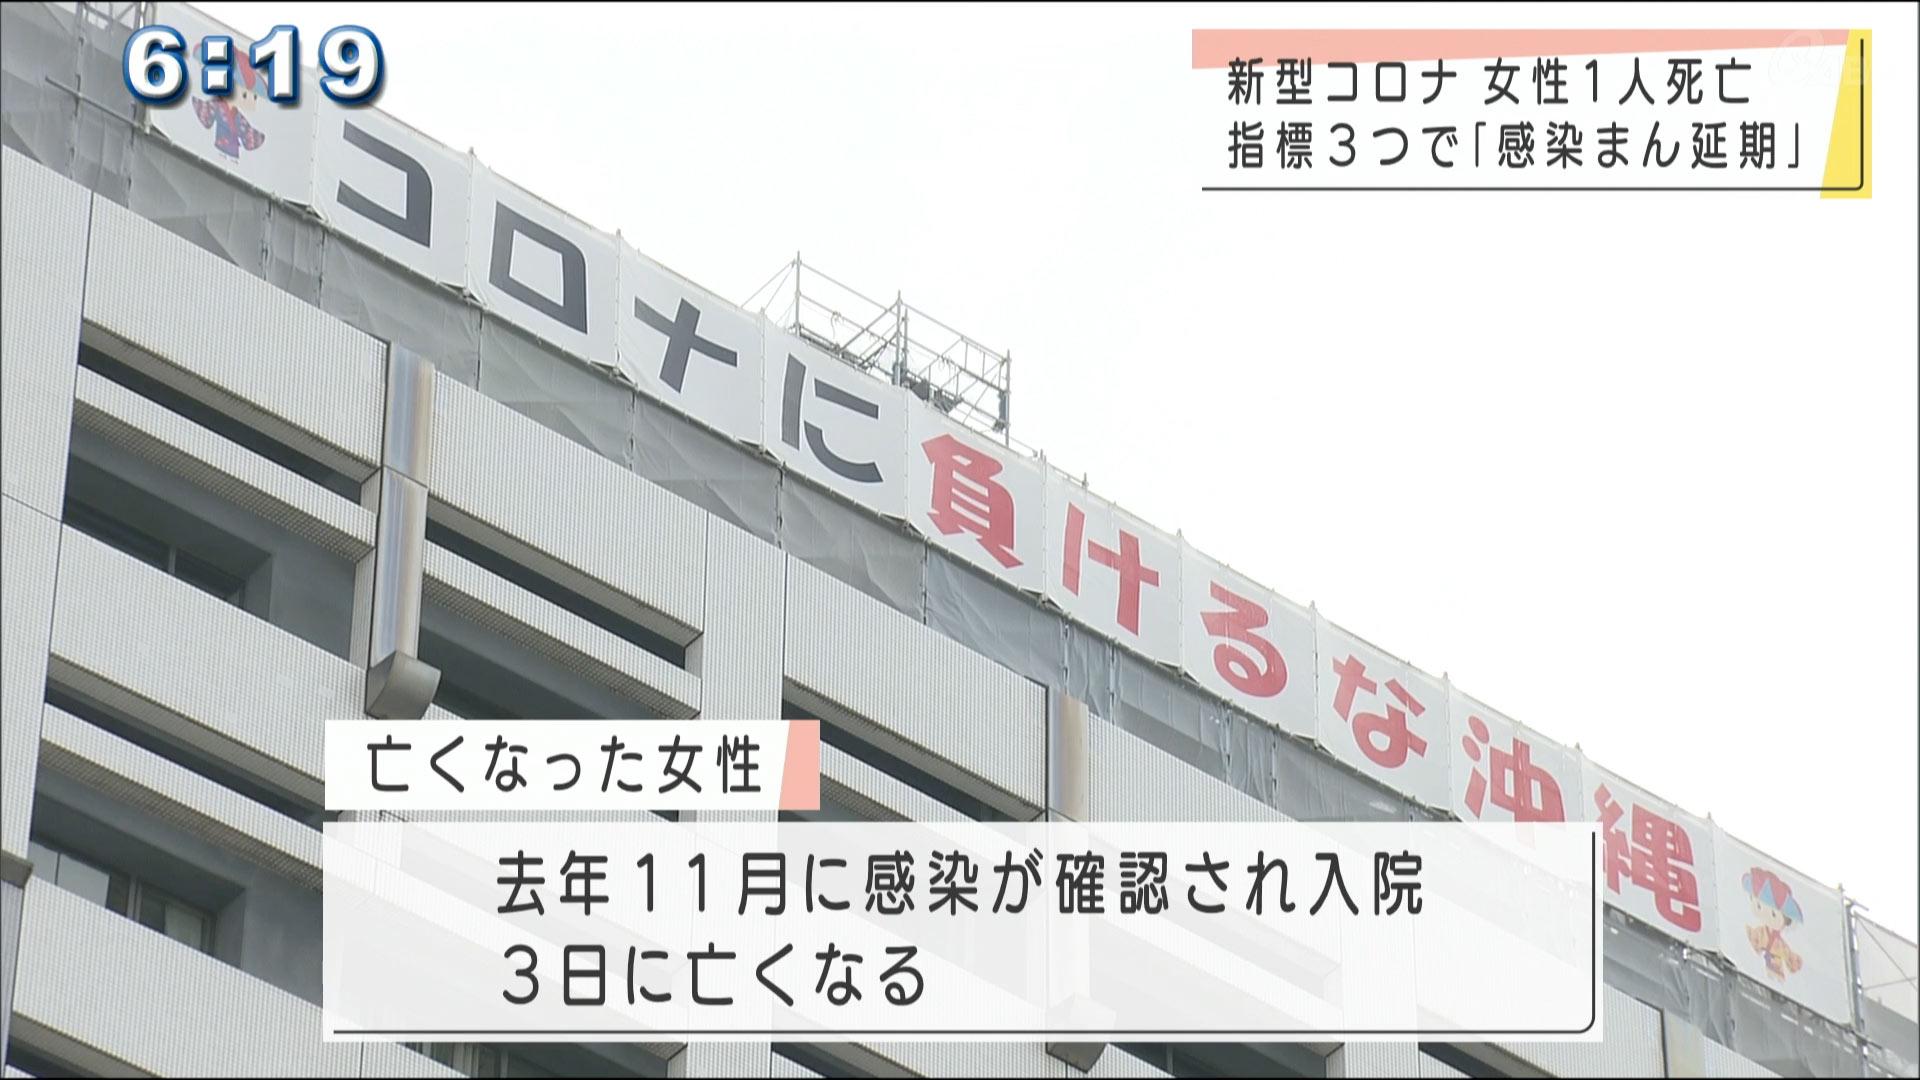 沖縄・新型コロナで今日も1人死亡を確認